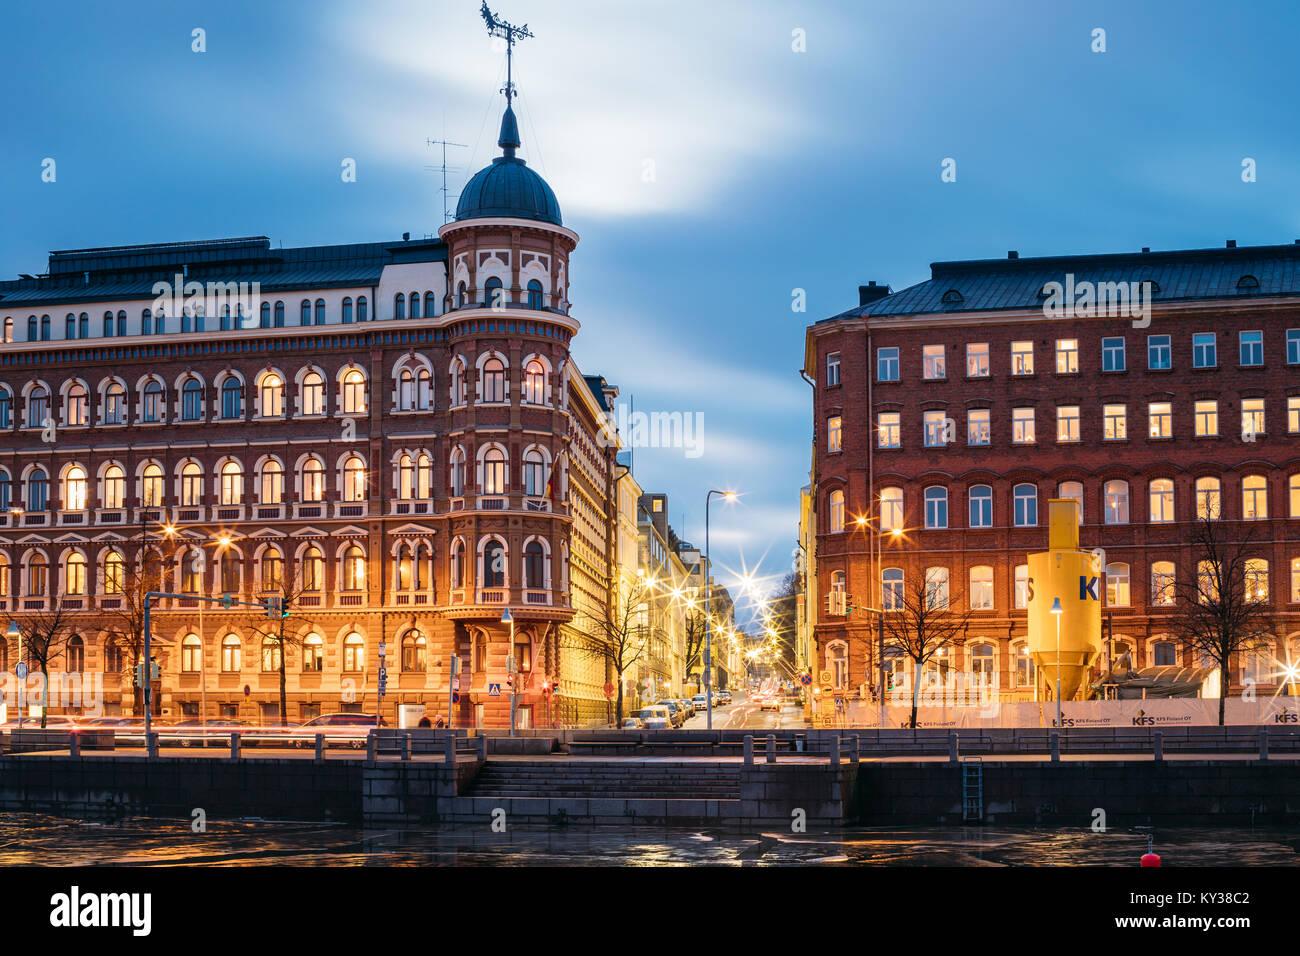 Helsinki, Finnland - 9. Dezember 2016: Kreuzung von Pohjoisranta und Kirkkokatu Straße am Abend oder in der Stockbild